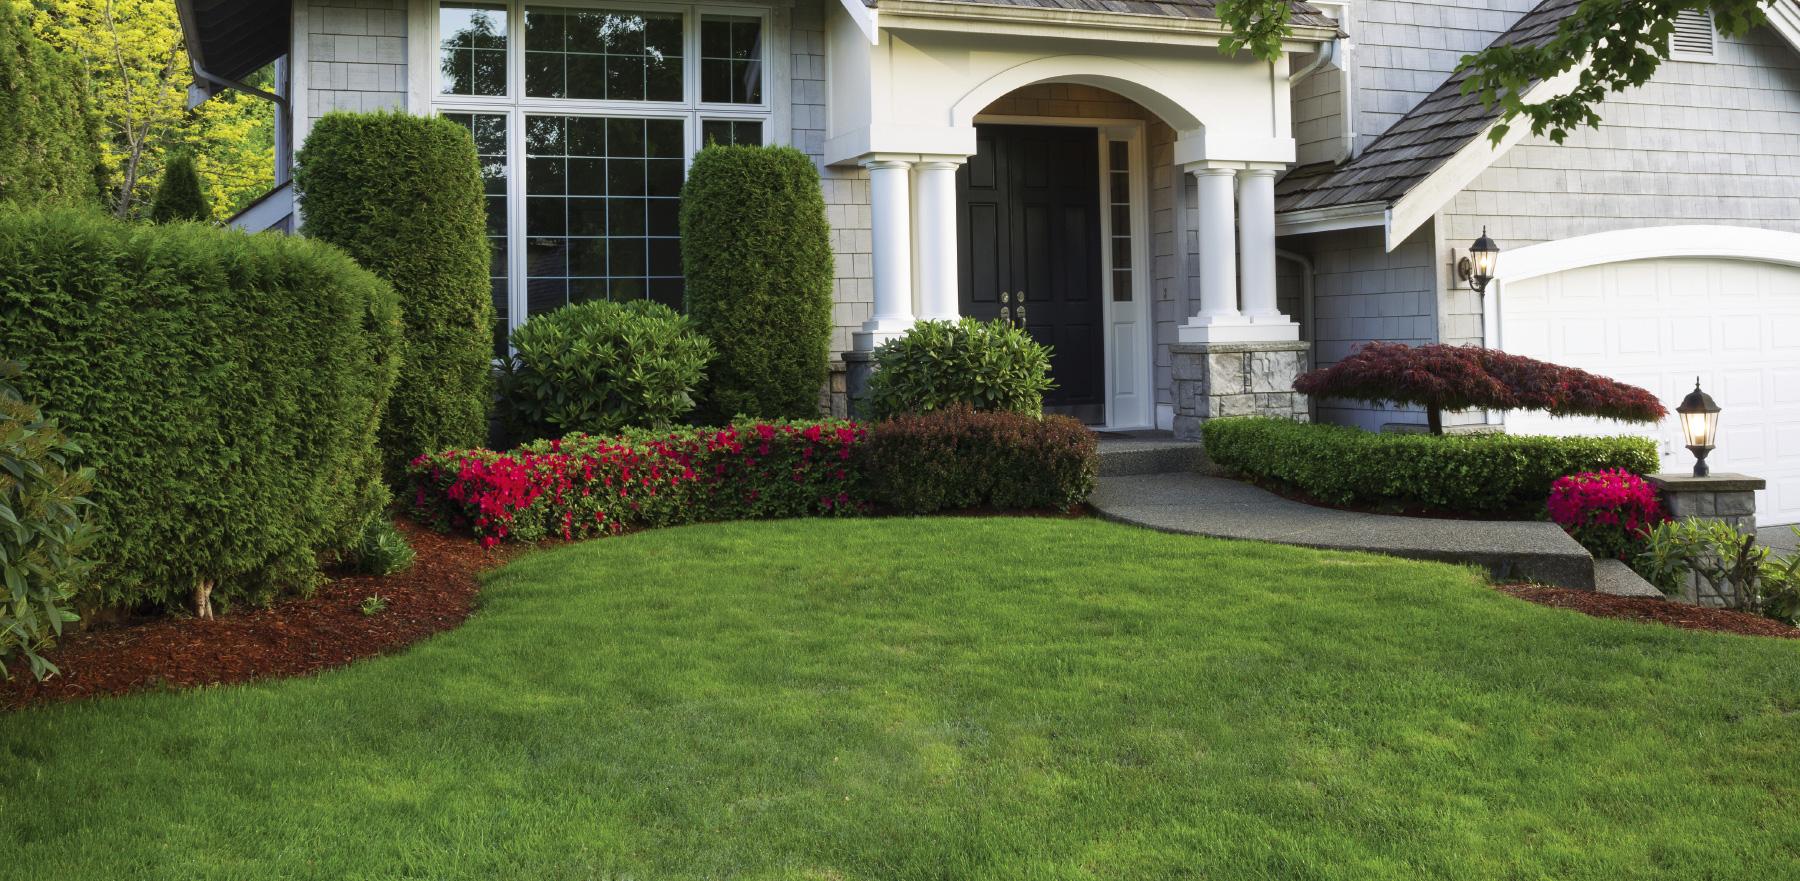 Gazon uni vert gazon ultra vert traitement tonte et for Service entretien pelouse